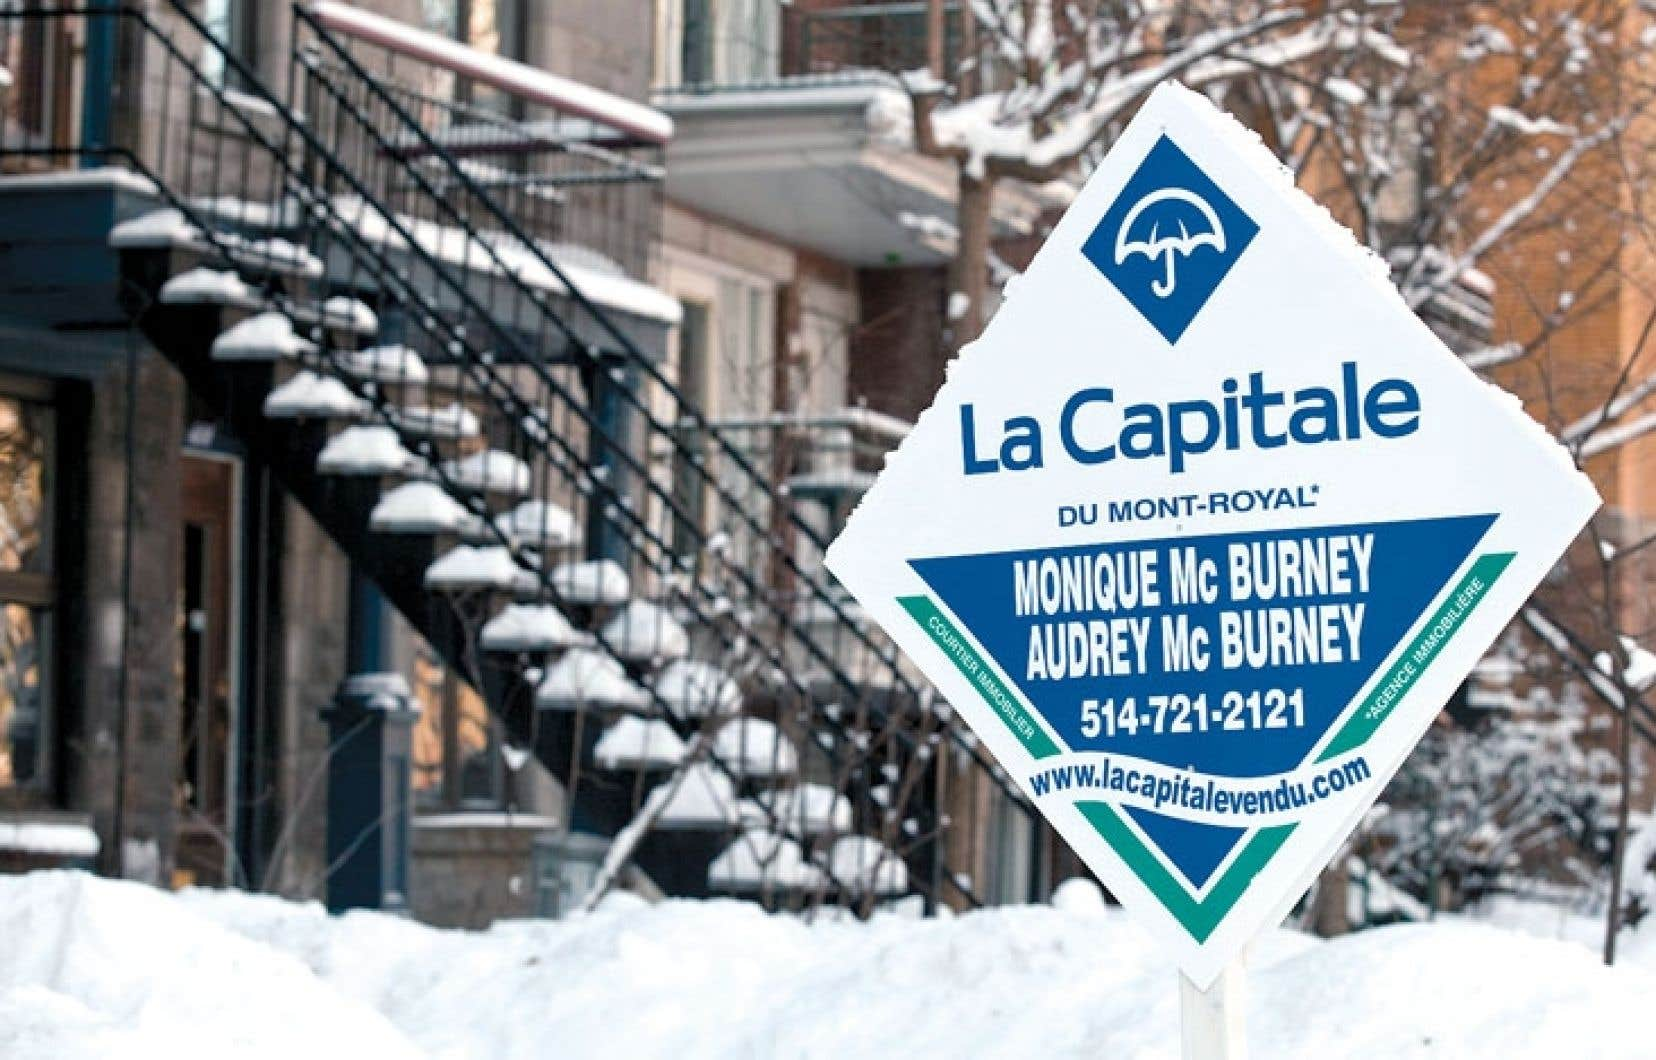 Le ministre fédéral des Finances, Jim Flaherty, a resserré en juillet les règles sur les prêts hypothécaires pour une quatrième fois en autant d'années, dans le but de décourager les acheteurs potentiels qui risquent de plus de se retrouver en situation de surendettement.